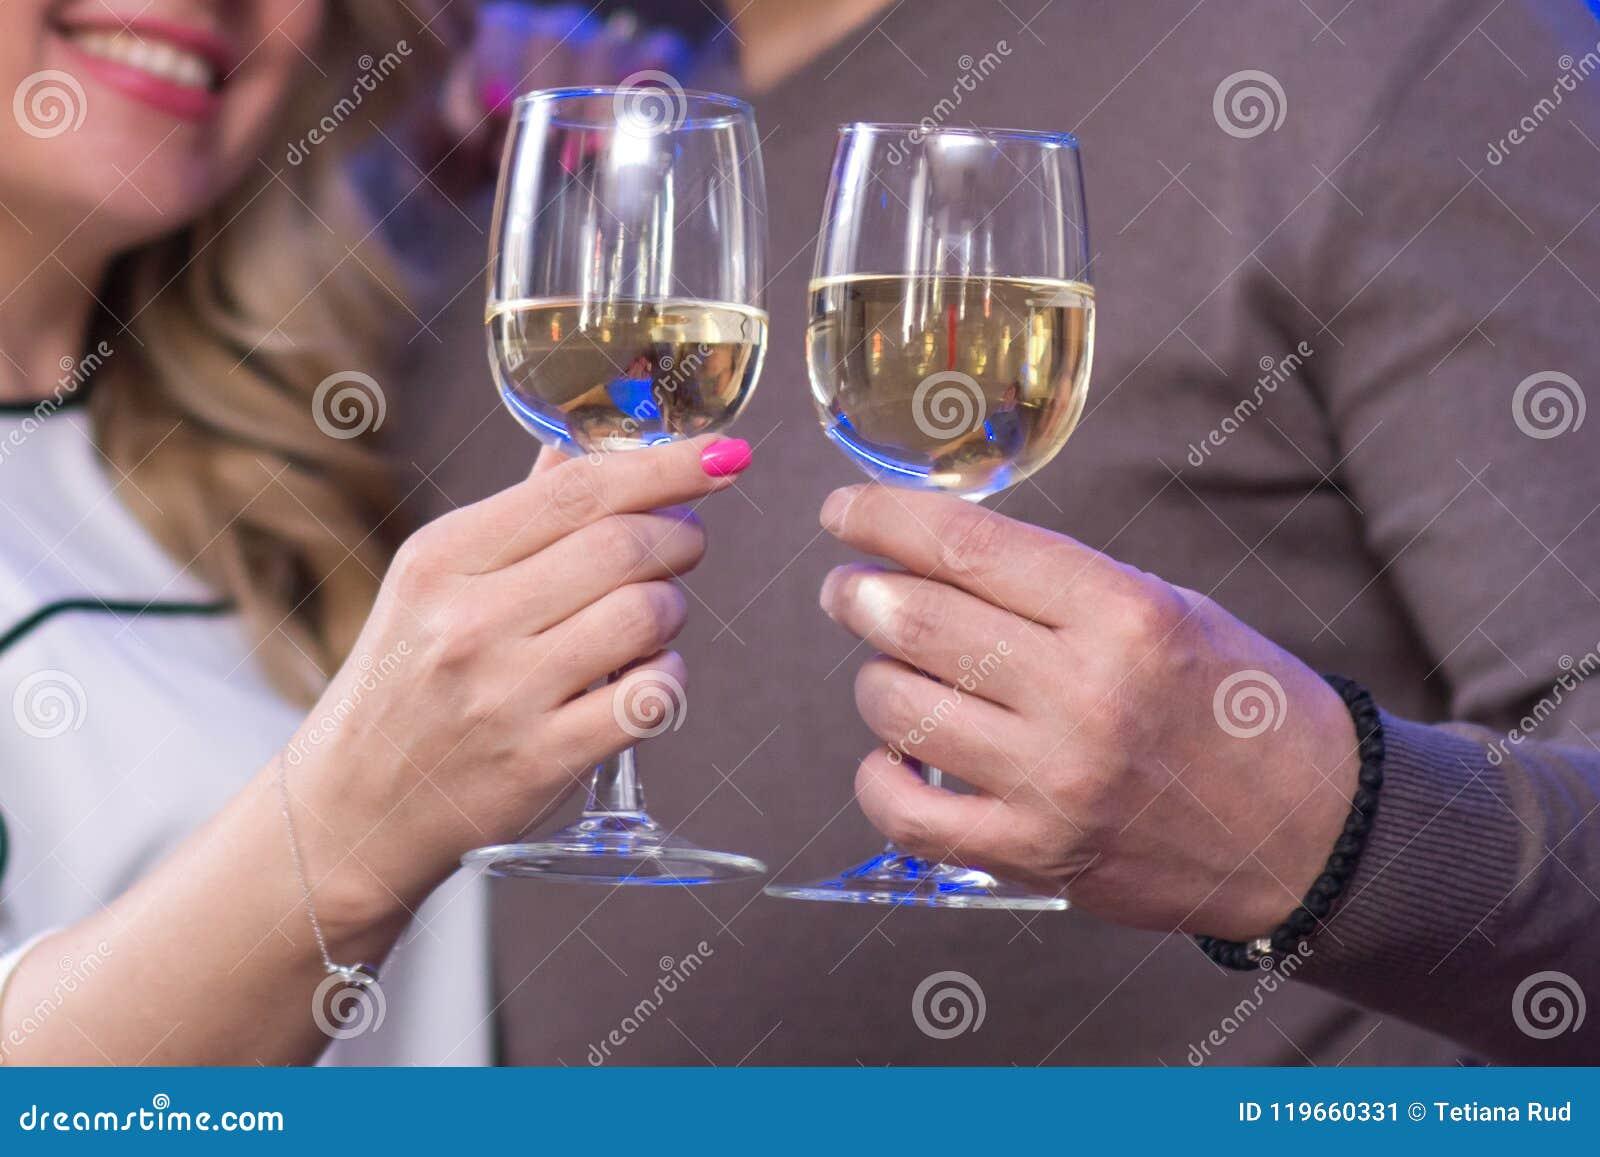 стекла в руках пары